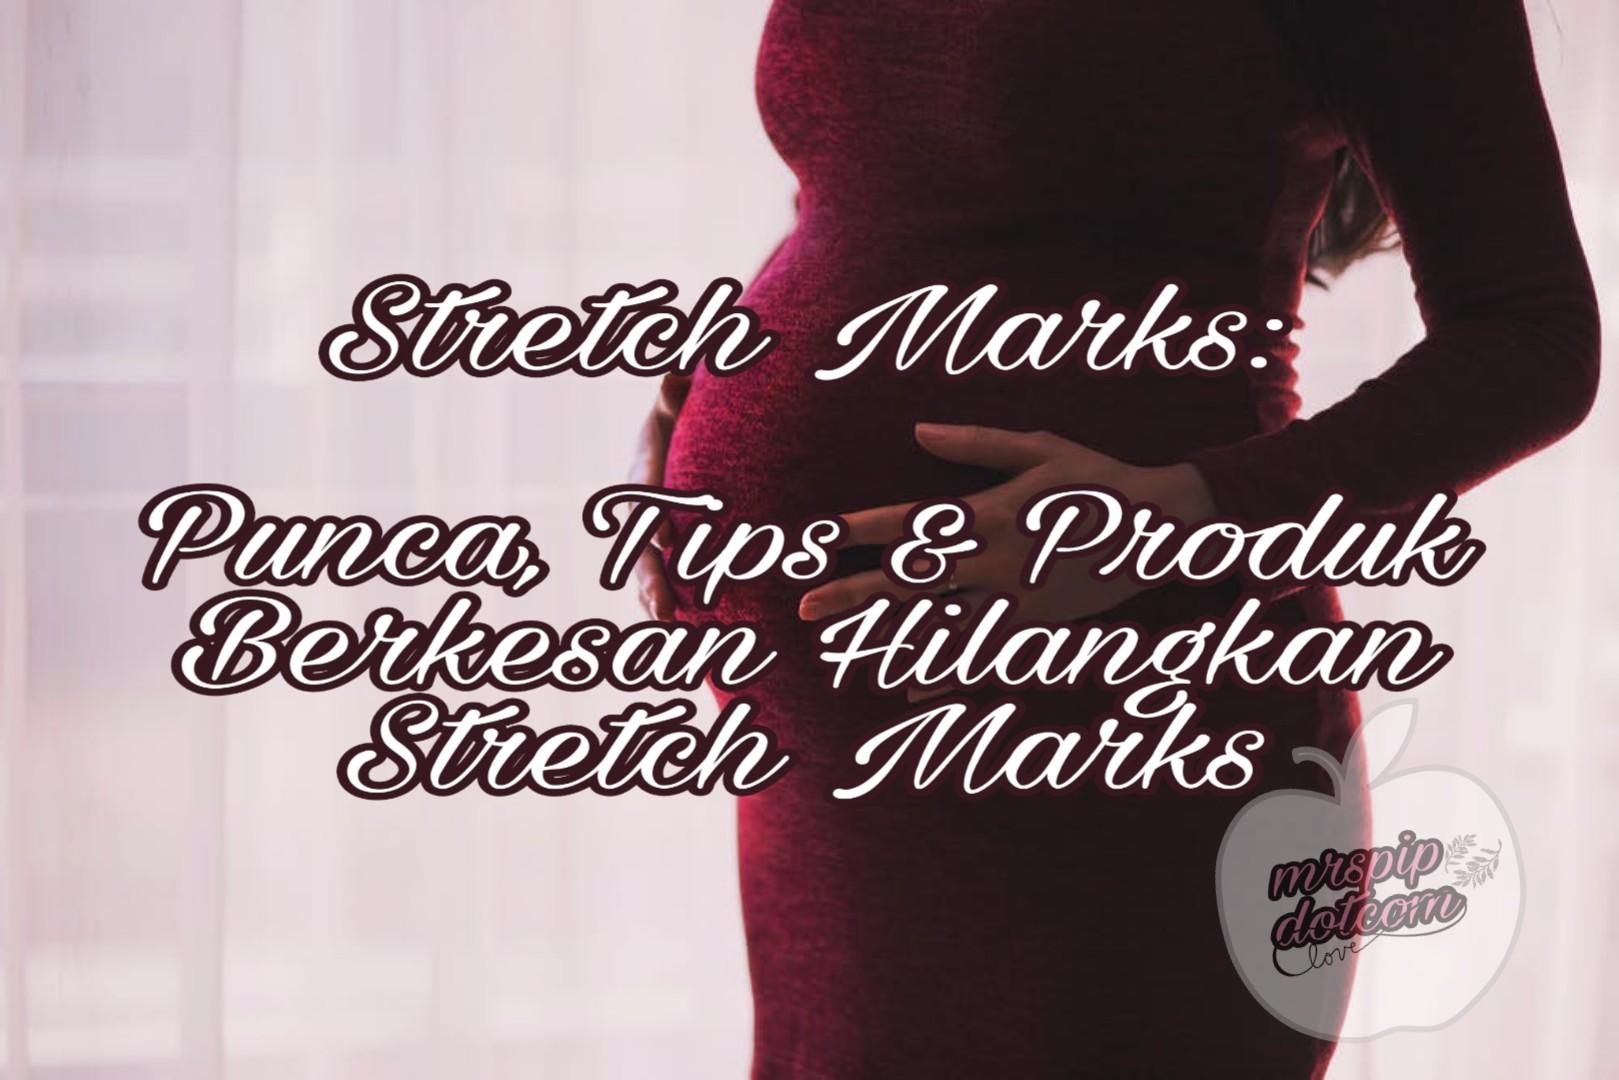 tips hilangkan stretch marks selepas bersalin dengan berkesan